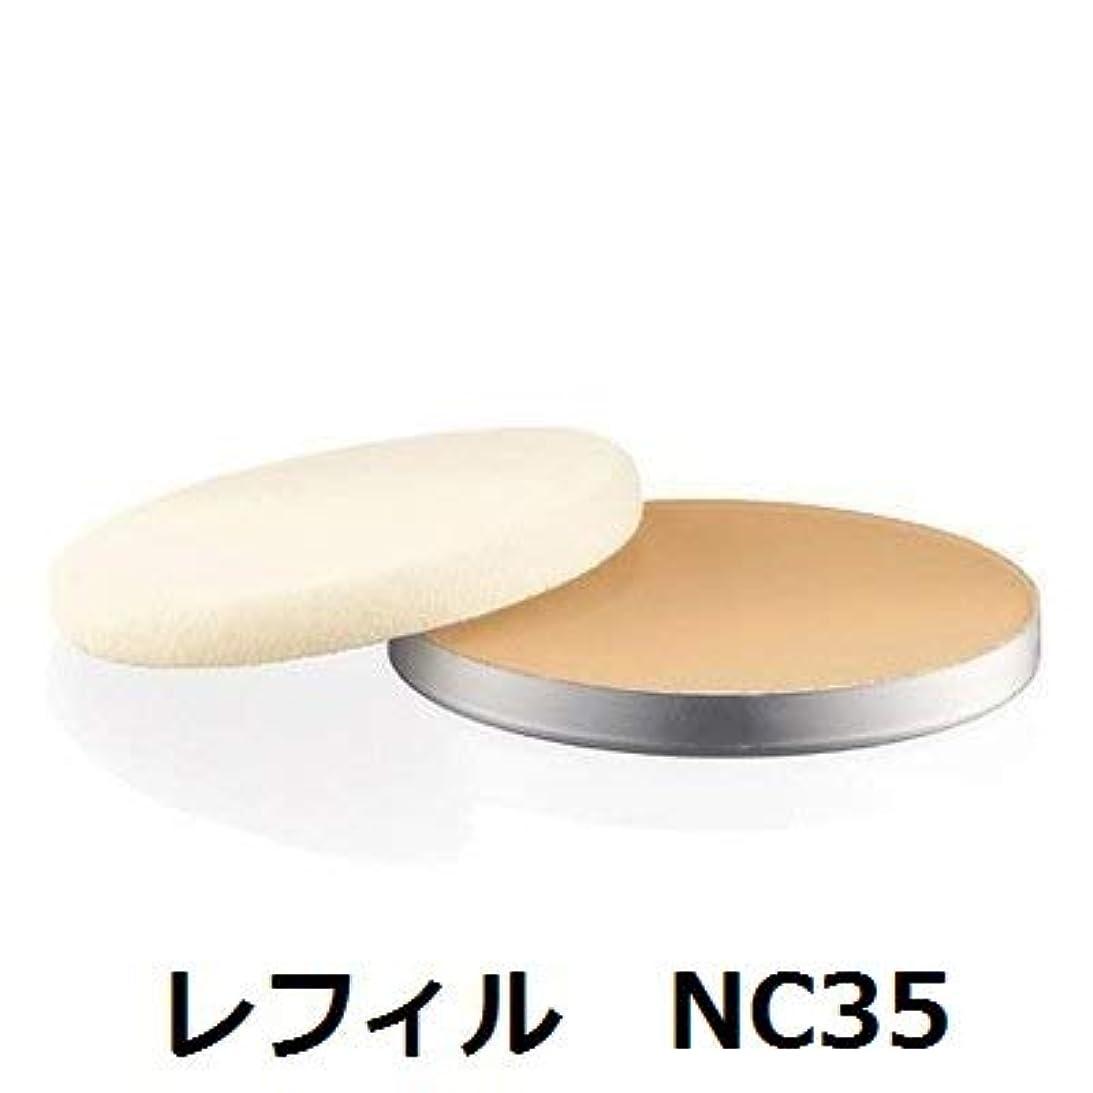 腹可聴恐ろしいマック(MAC) ライトフルC+SPF 30ファンデーション レフィル #NC35 14g [並行輸入品]